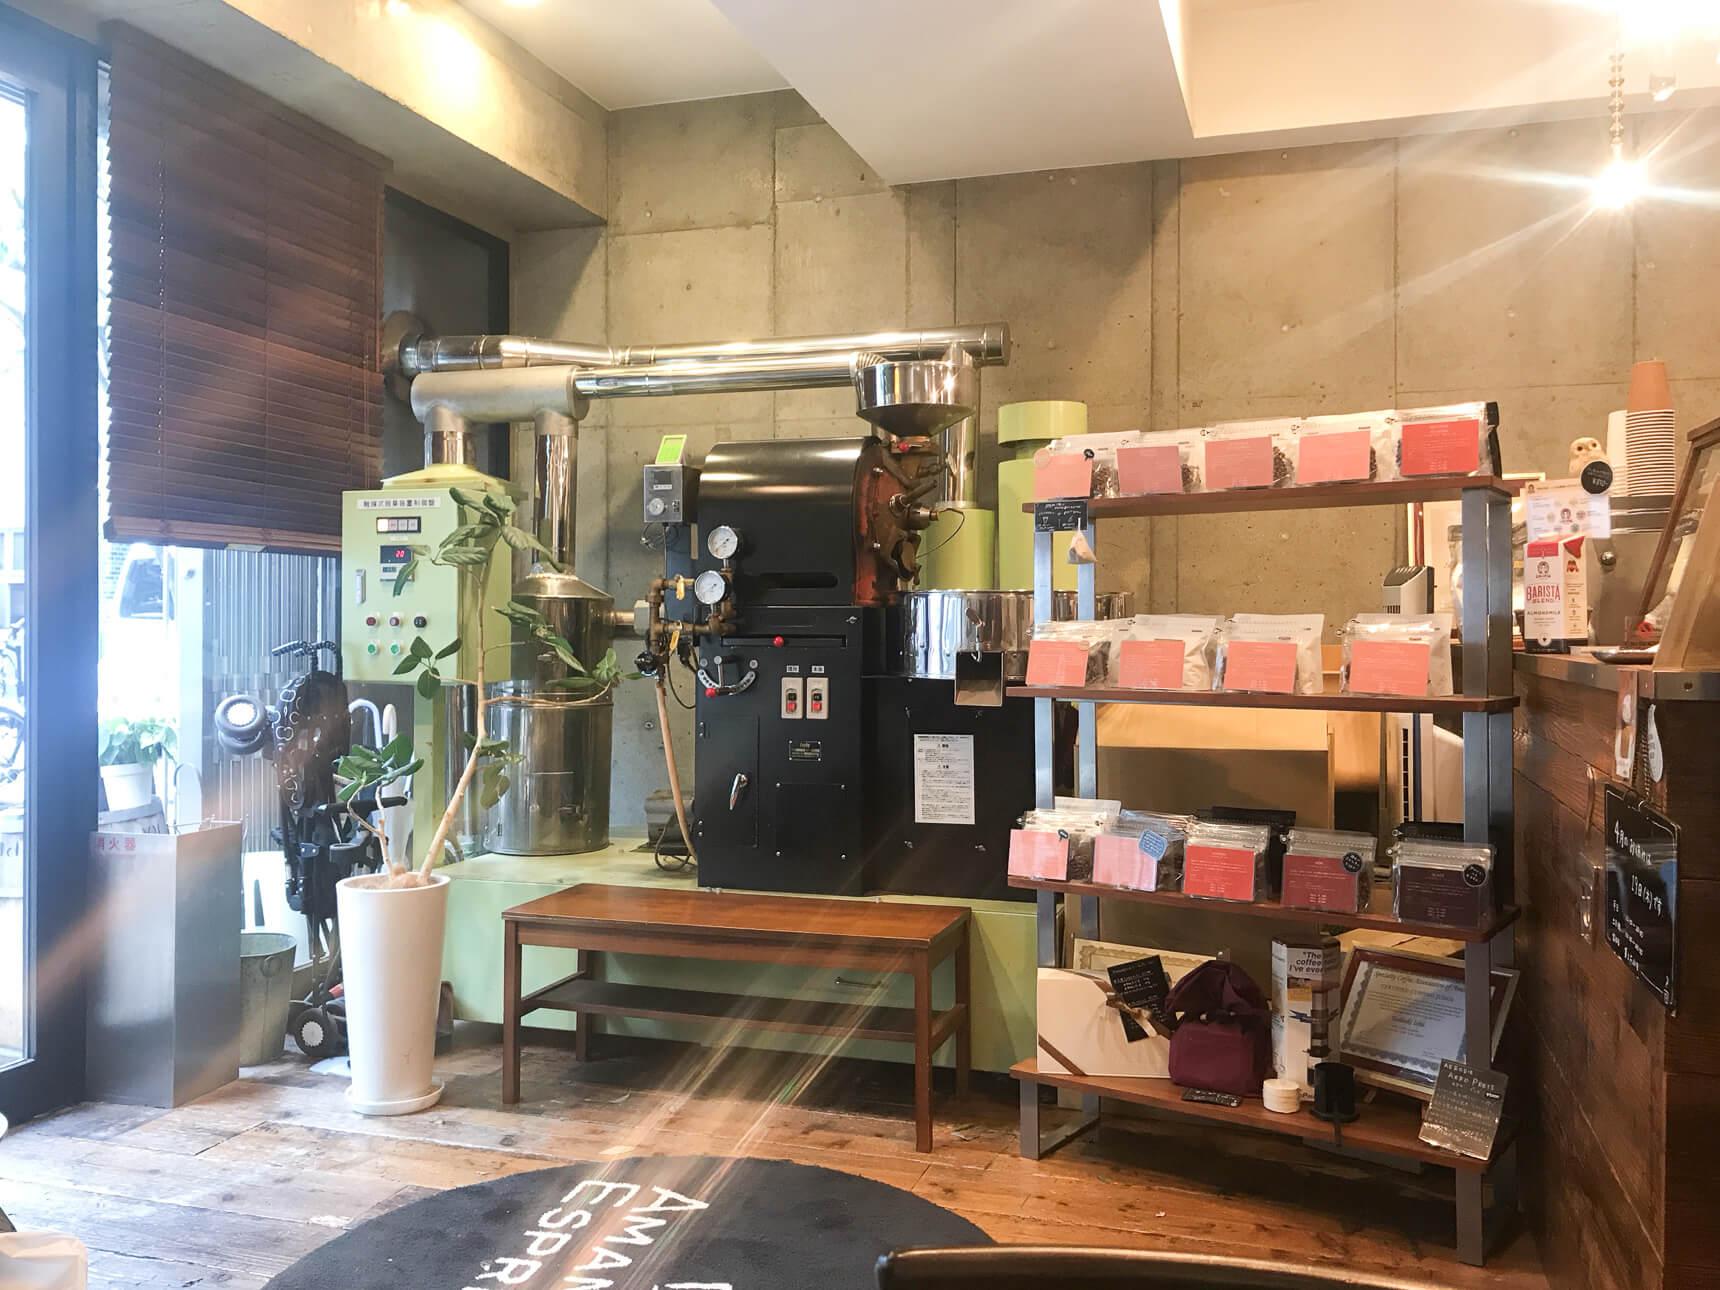 AMAMERIA では、碑文谷にもう1店舗、コーヒーロースターがあるのですが、武蔵小山のこちらの店舗の中にも大きな焙煎機がありました。